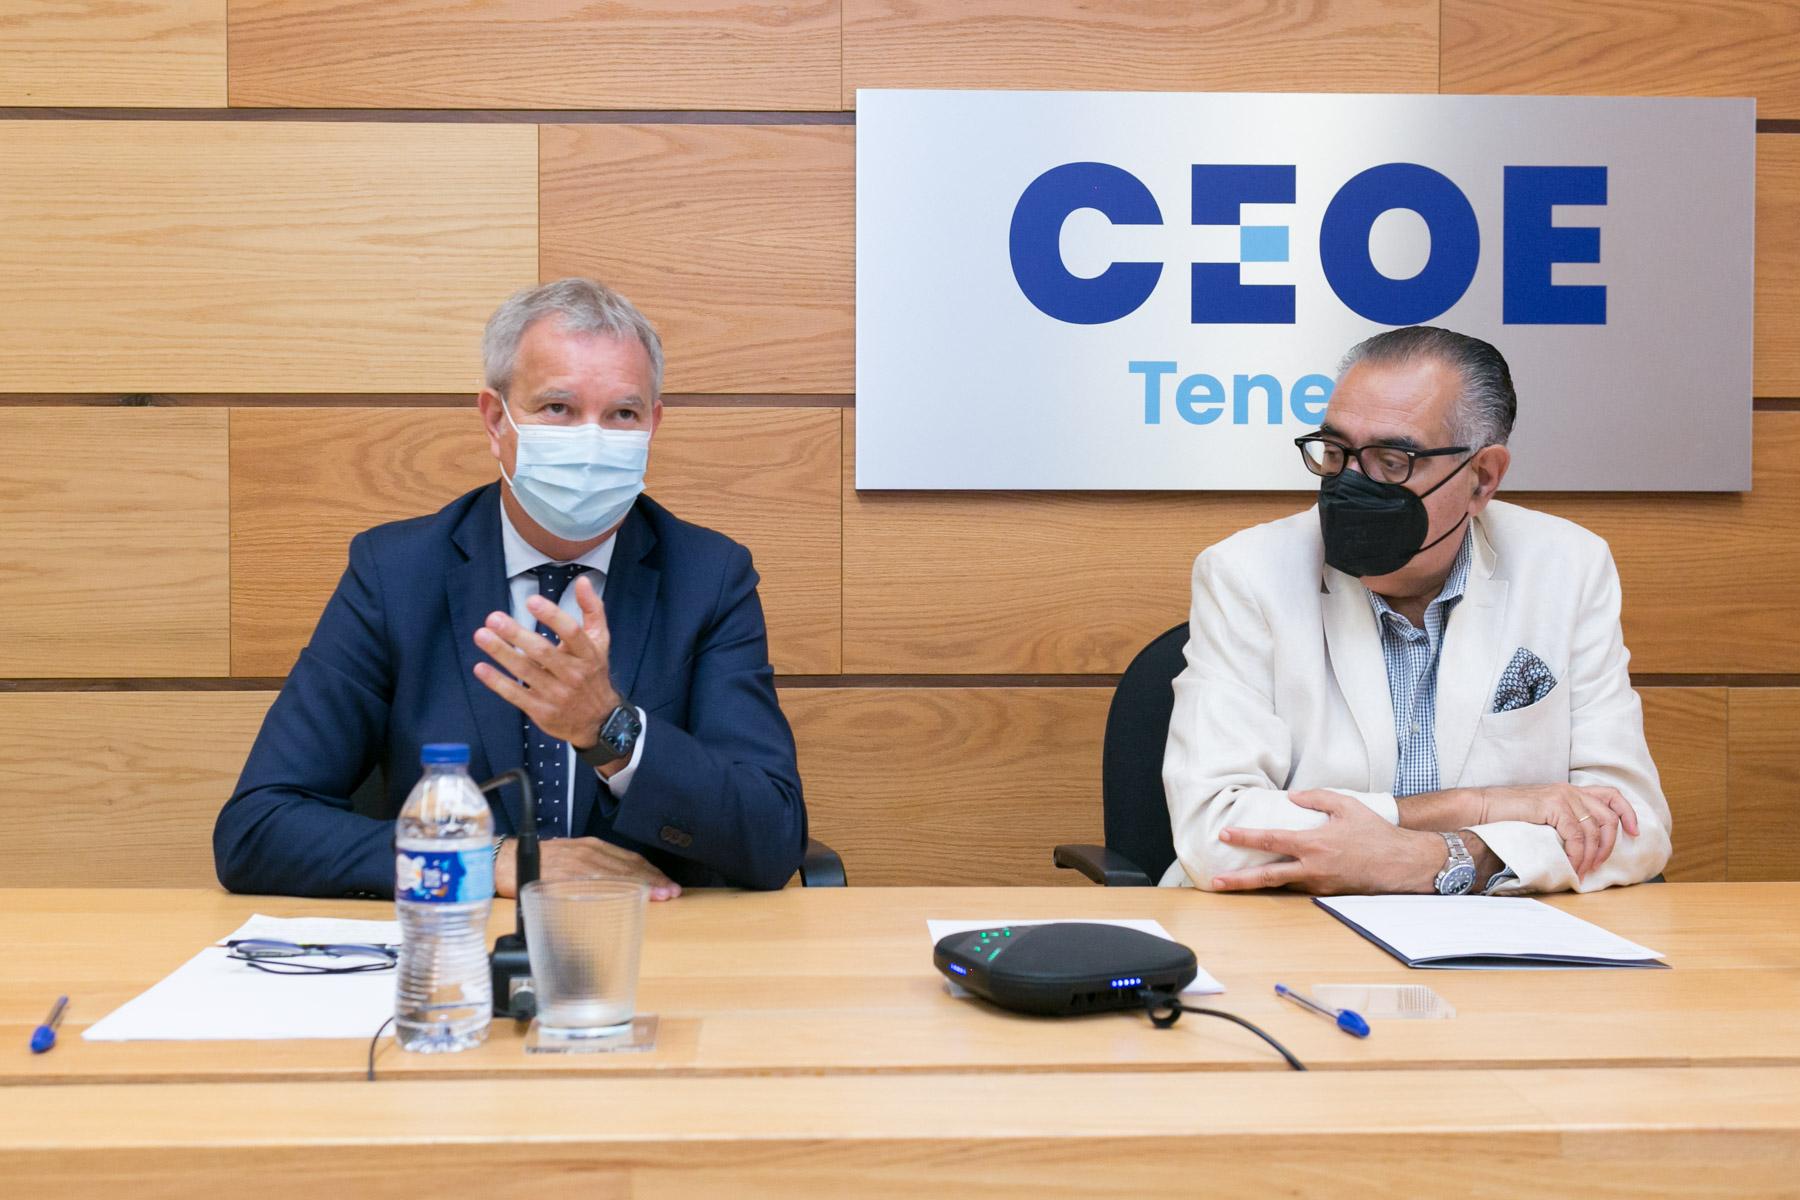 Reunión de Obras Públicas con CEOE / CanariasNoticias.es